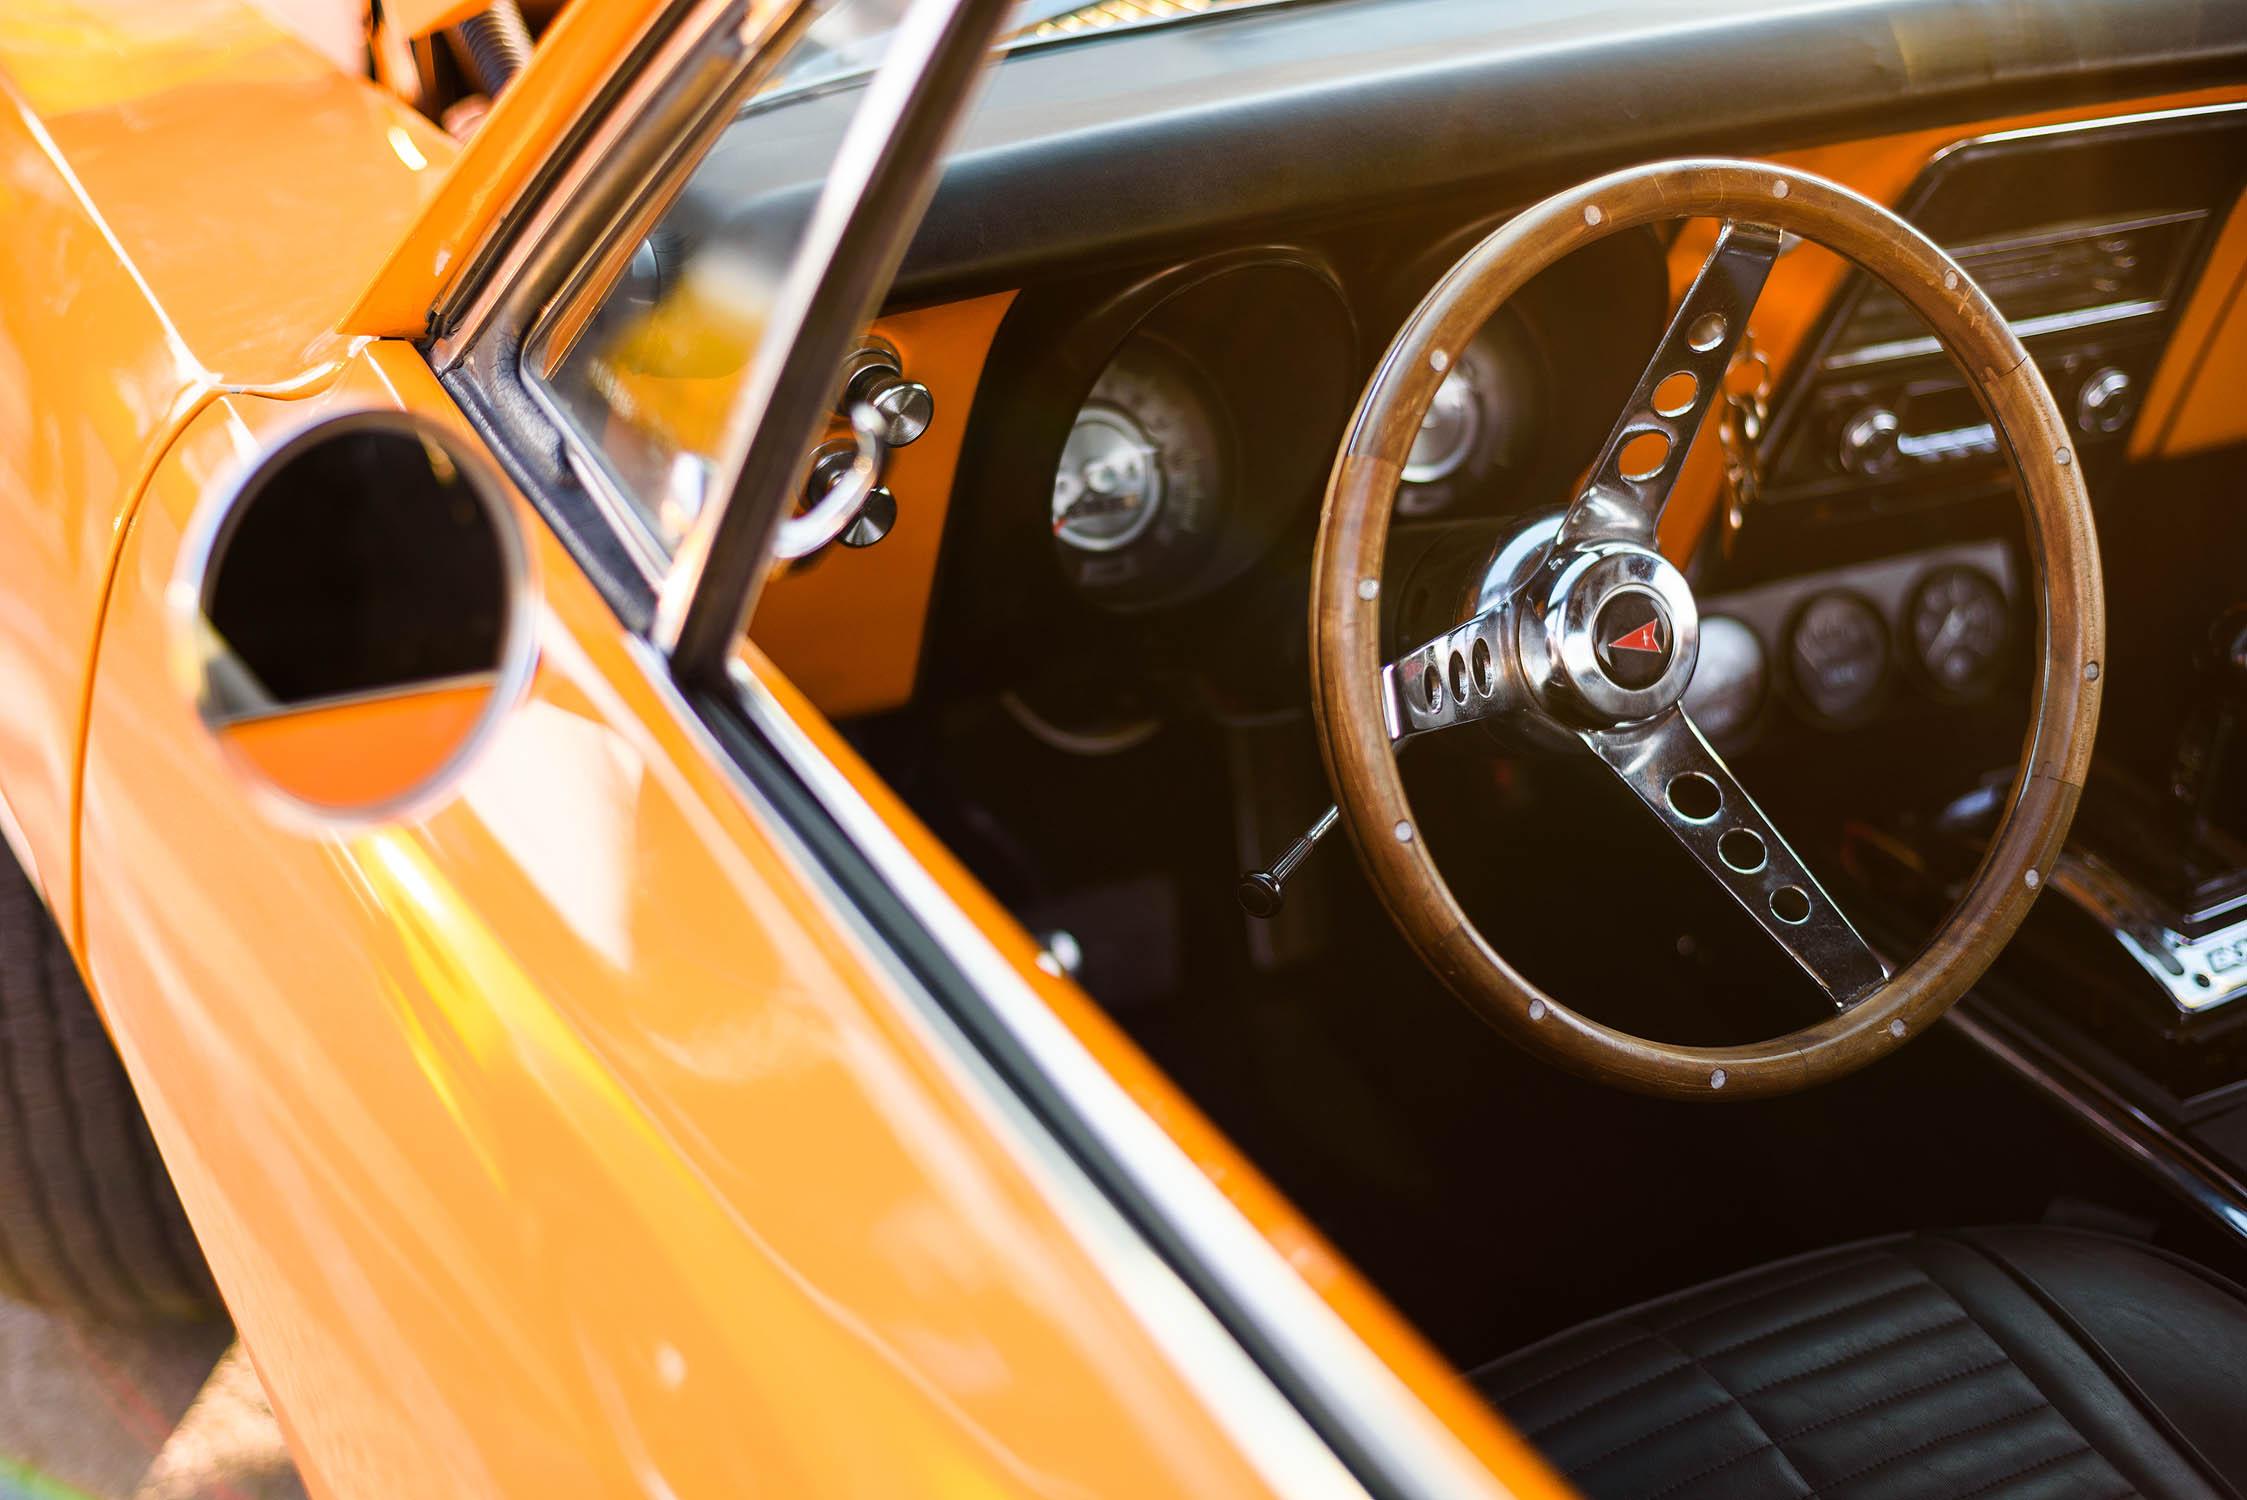 julep-cars-monika-story-35.jpg